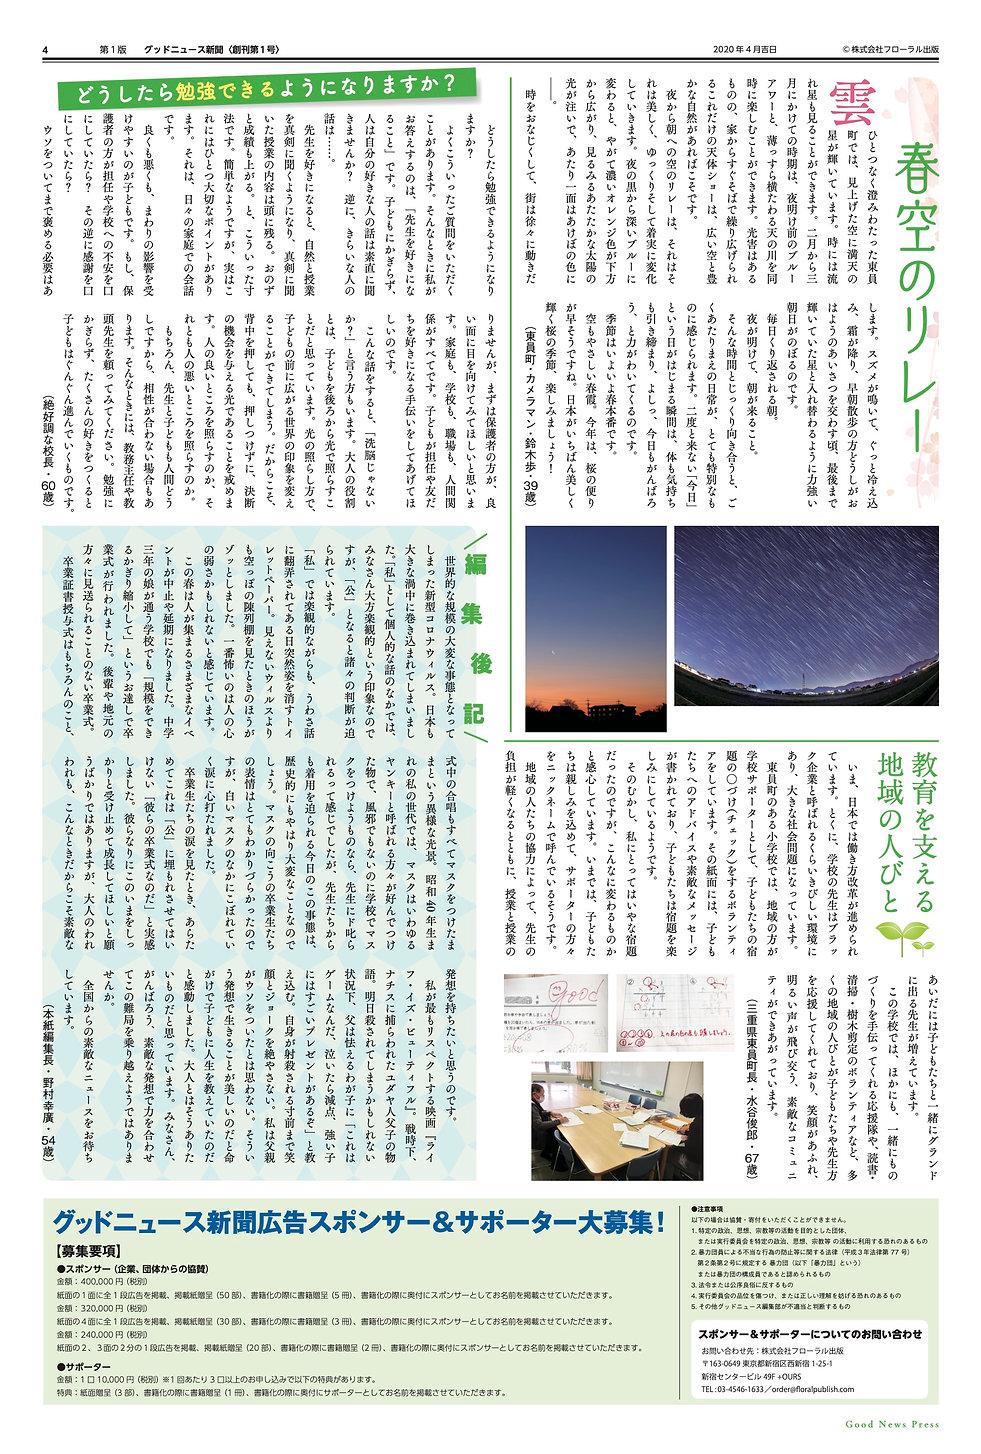 GNP-sokan1go-nyuko (4).jpg